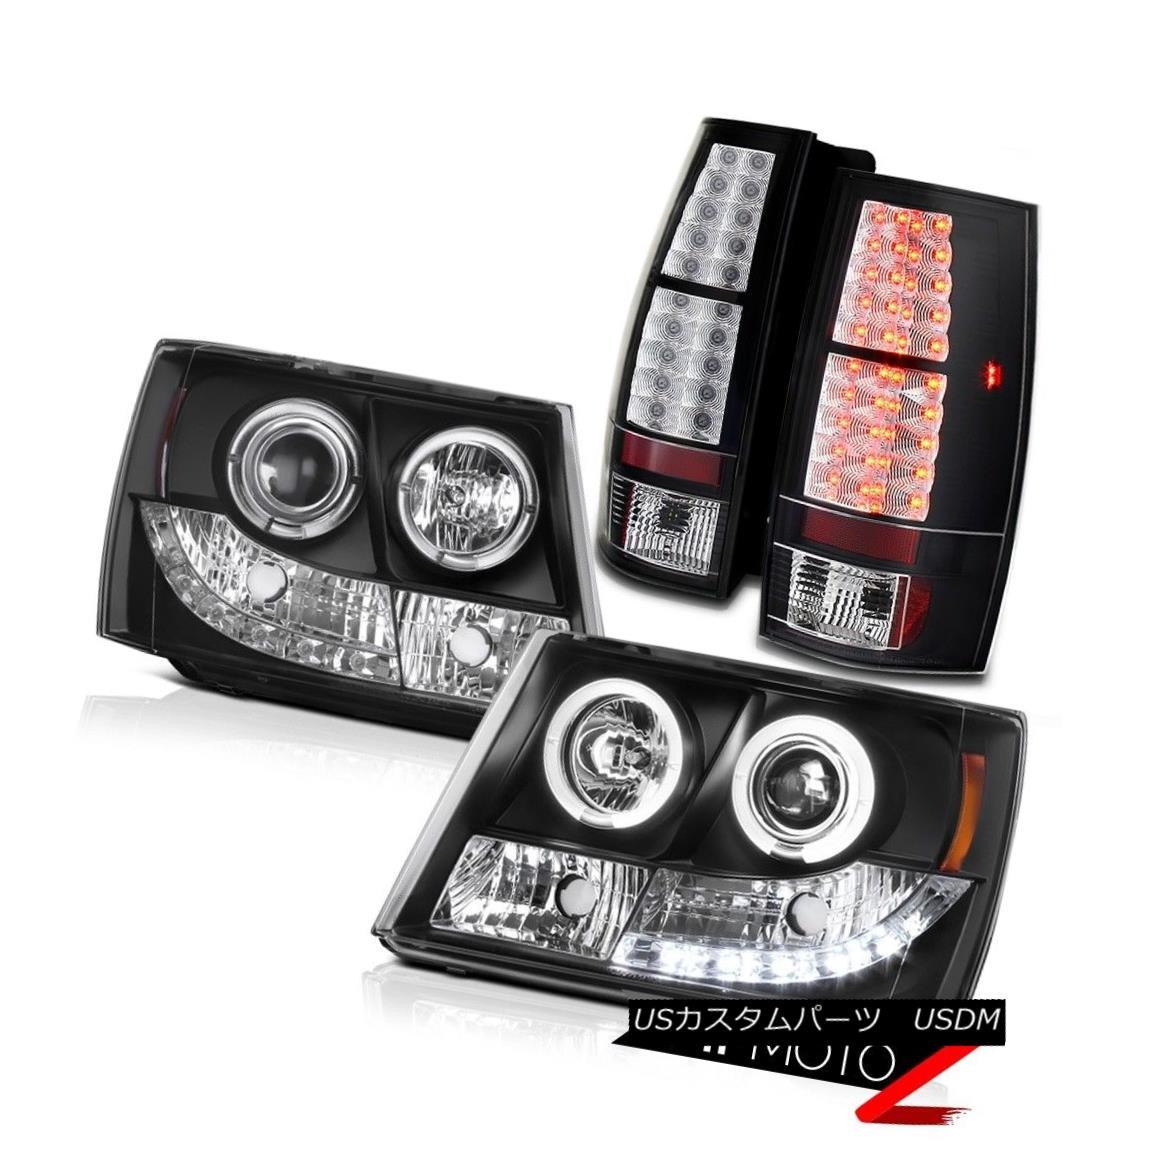 テールライト Suburban/Tahoe 07-13 Black Halo Projector SMD DRL Headlight+LED Tail Light Lamps 郊外/タホー07-13ブラックハロープロジェクターSMD DRLヘッドライト+ LEDテールライトランプ